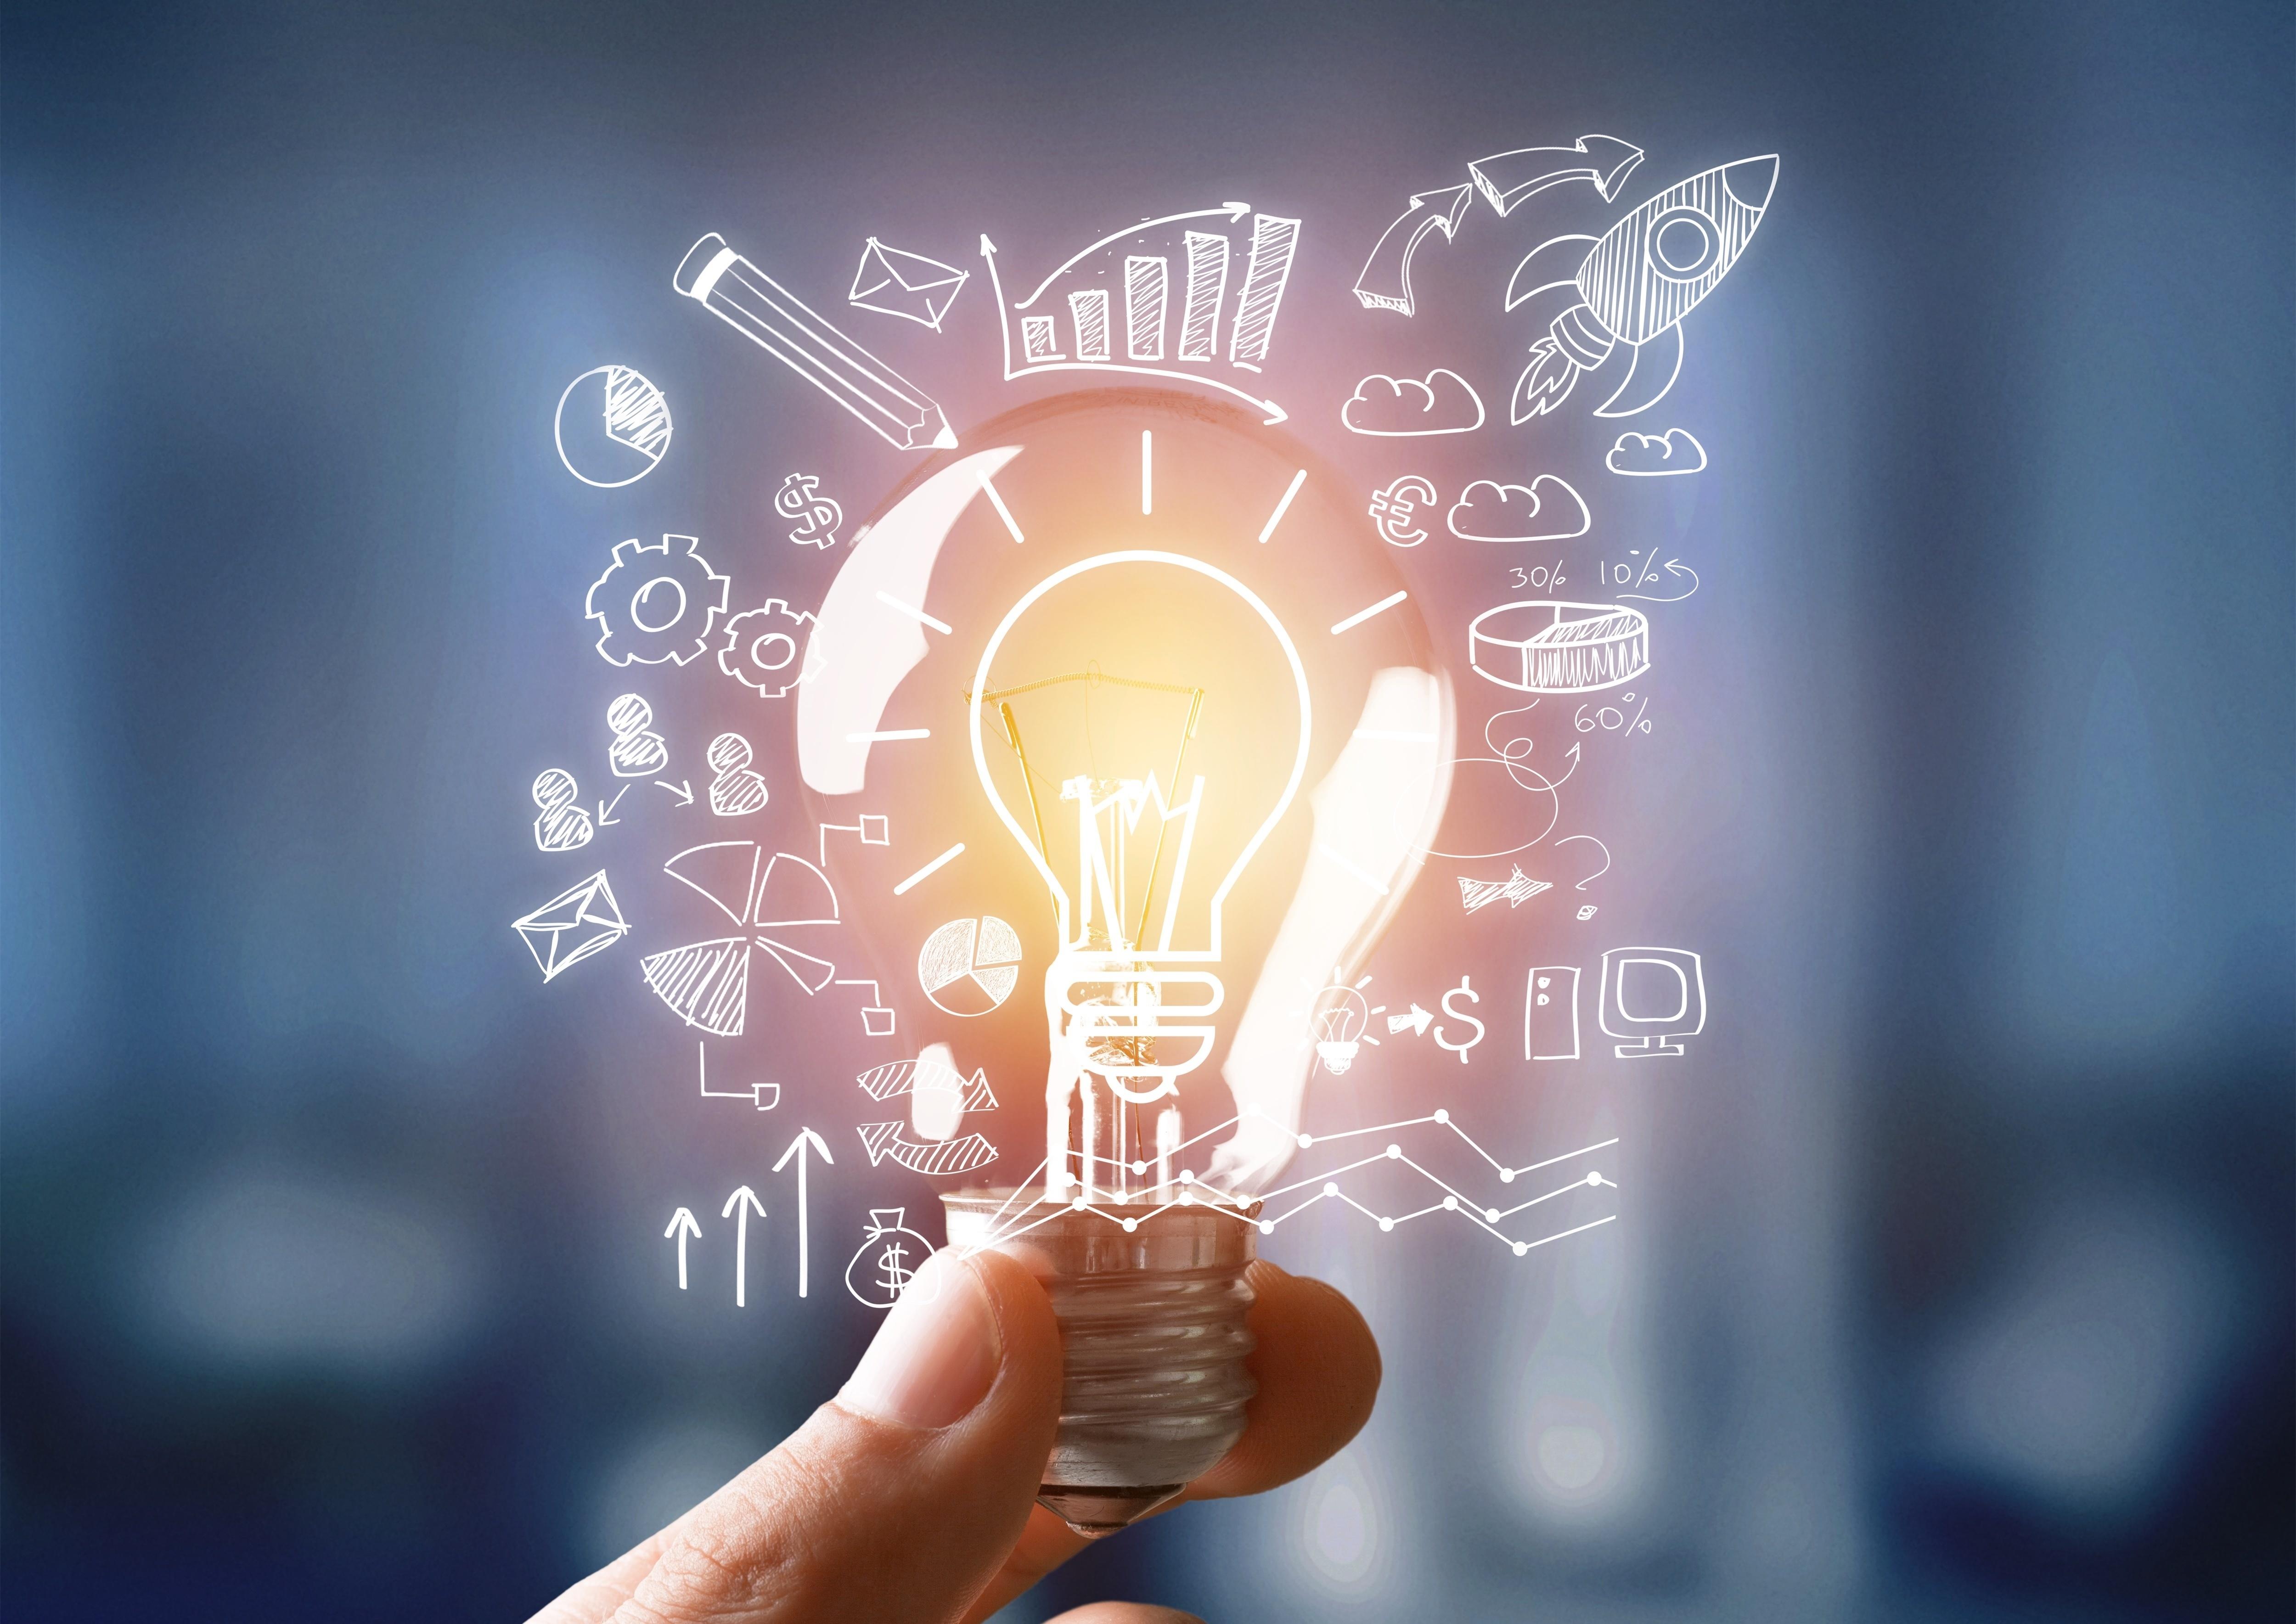 Individuelles CRM für Schweizer KMU: Wie das geht und was es können muss